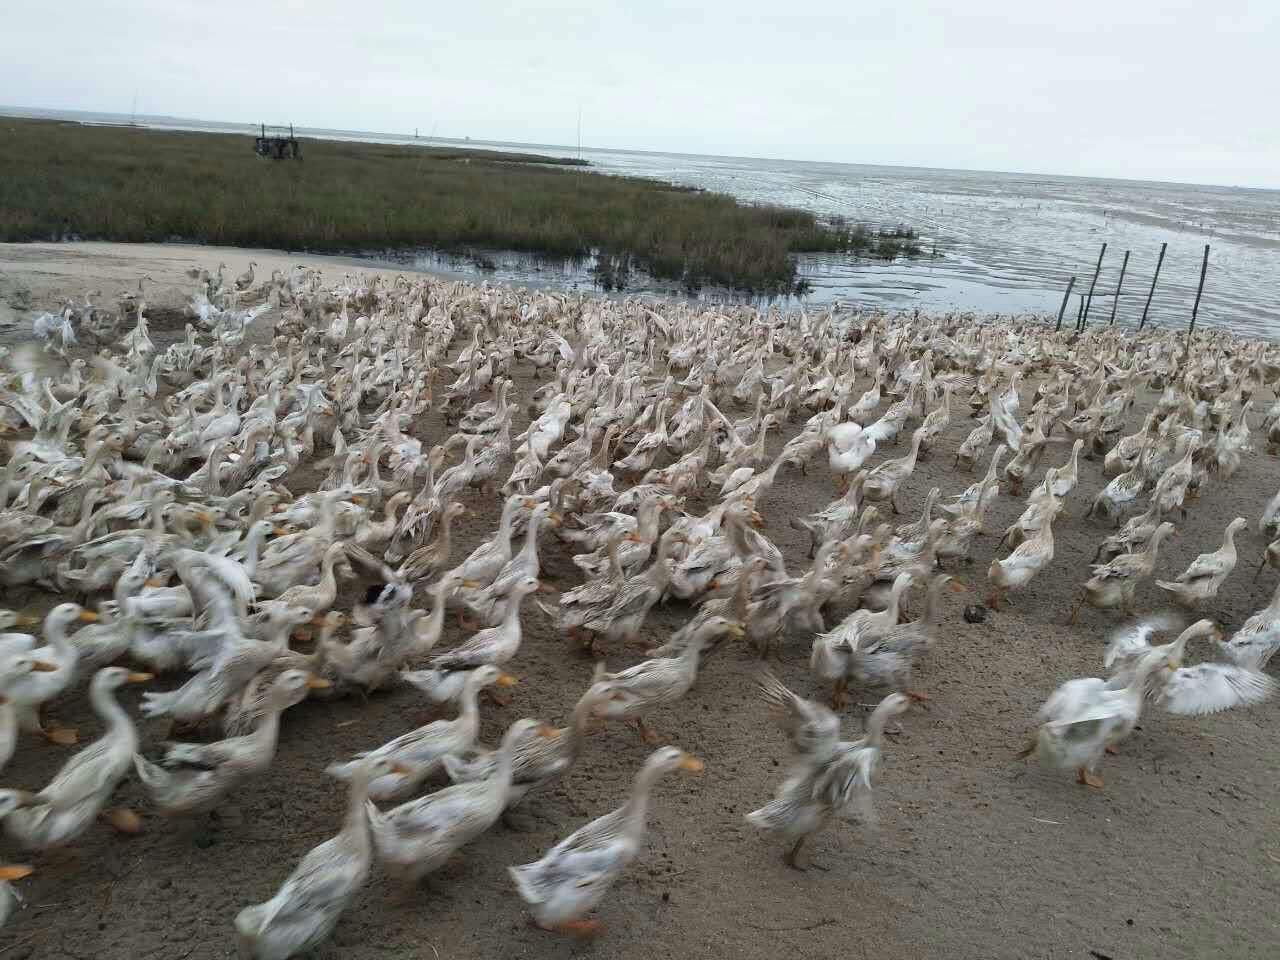 生态放养,回归自然 鸭子放养于红树林生态海域,这是个一天然牧场,海鸭以停留在海域的小鱼、小虾、小蟹、为食,吃着海鲜、泡着海水,生出来的海鸭蛋是天然的、生态健康的,让你买得放心吃得放心! 红树林是物种最多样化的生态系统之一,生物资源量非常丰富,岂是海岸滩涂动物的栖息地,红树林具有防风消浪、促淤保滩,固岸护堤,净化海水和空气生态效益。